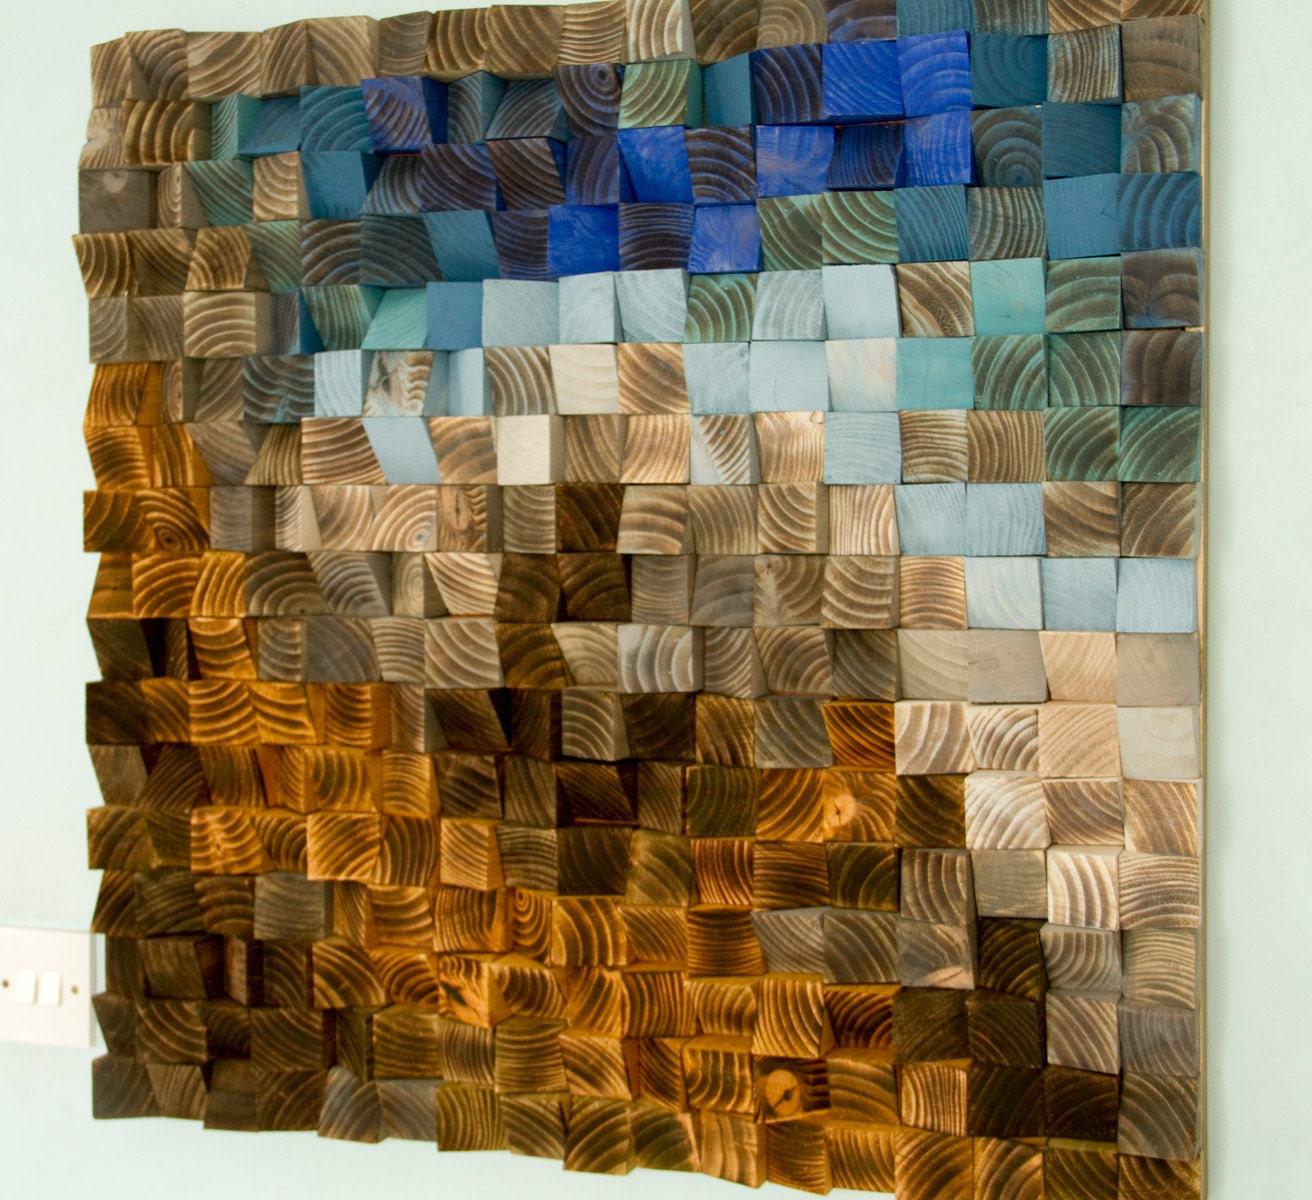 Holz wall art sculpture wandbehang skulptur zur ckgefordert - Wandbehang modern ...